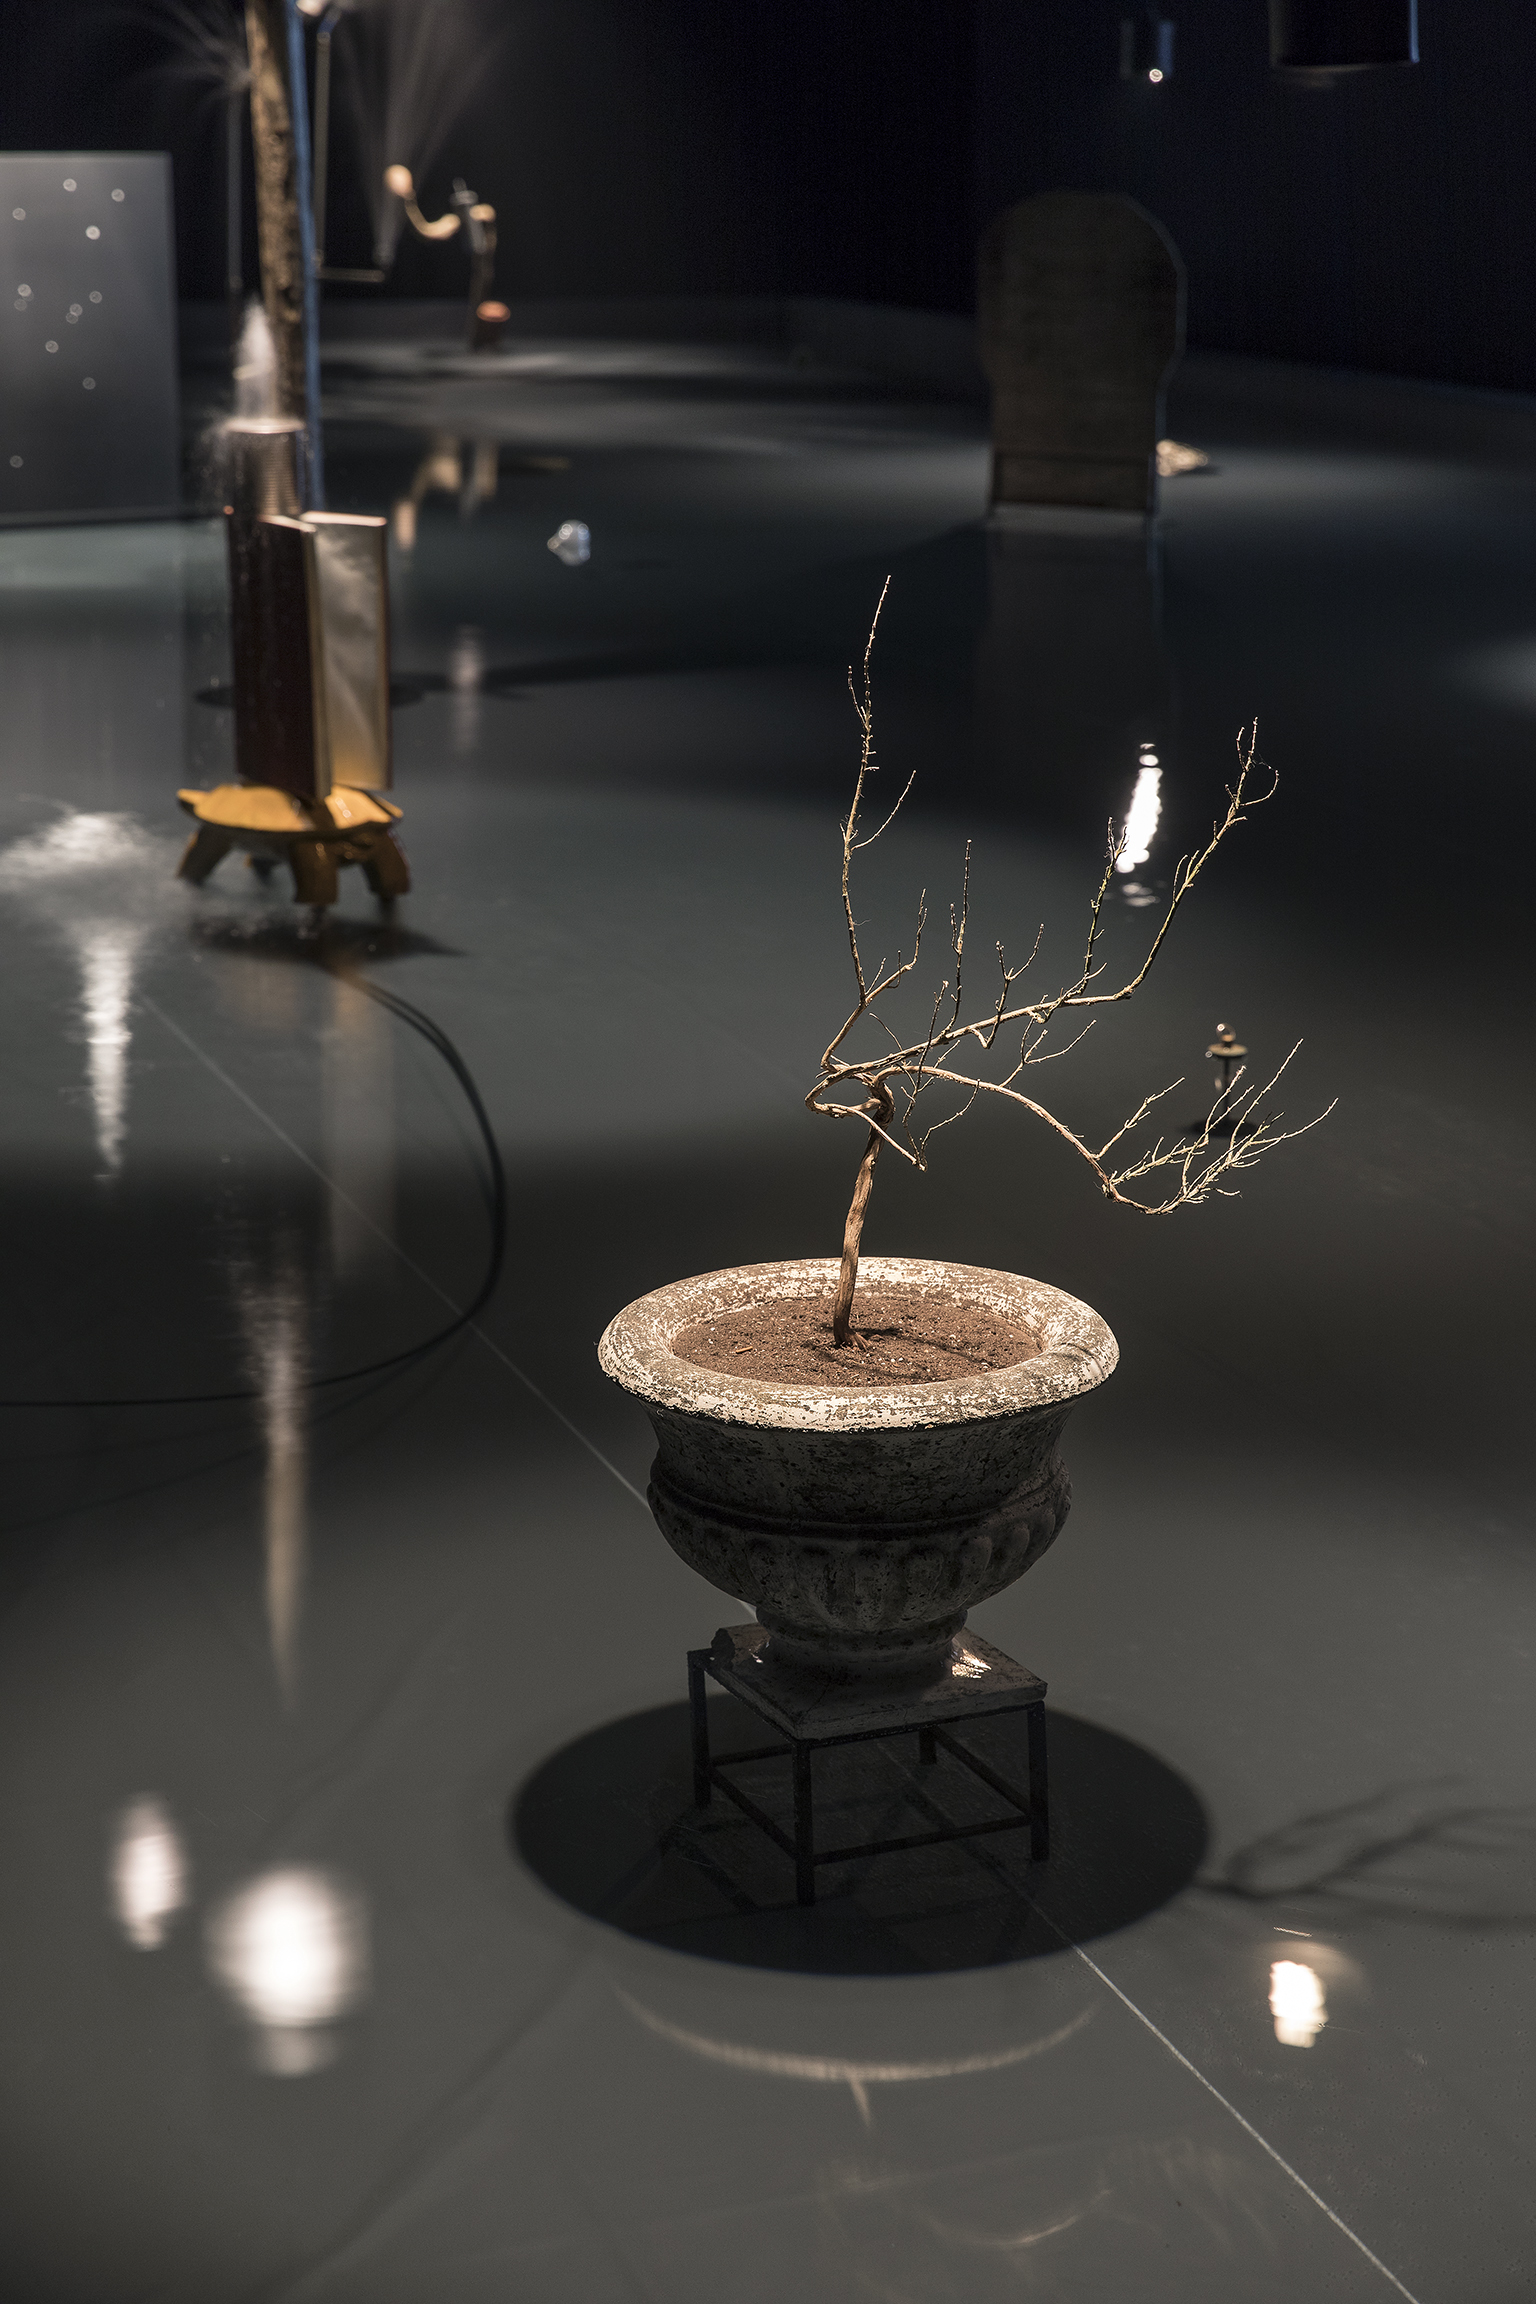 Gareth Moore, Rose Jericho / Lungfish Grandad, 2017, concrete planter, found dead plant, 31 x 20 x 16 in. (80 x 52 x 40 cm). Installation view, A Dark Switch Yawning..., Salzburger Kunstverein, Salzburg, 2017 by